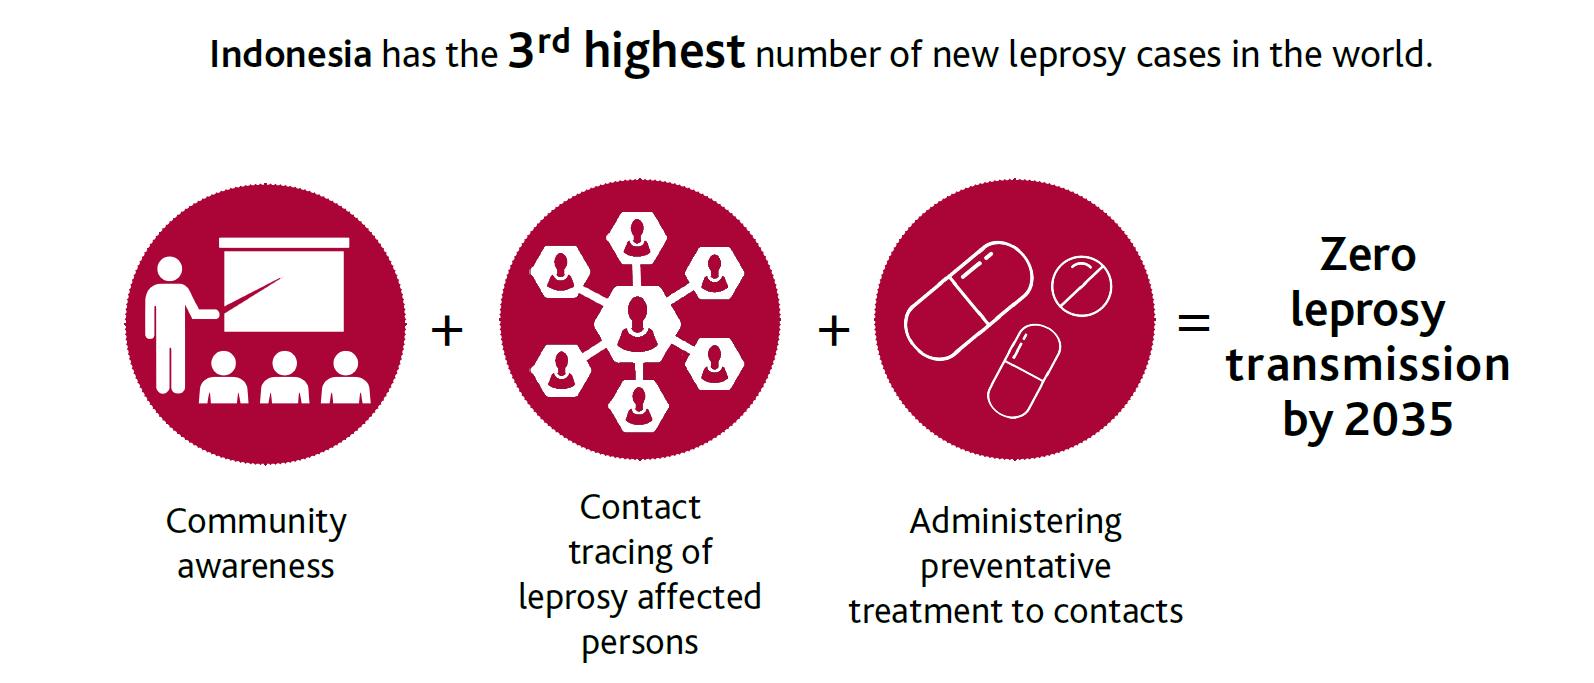 zero leprosy transmission